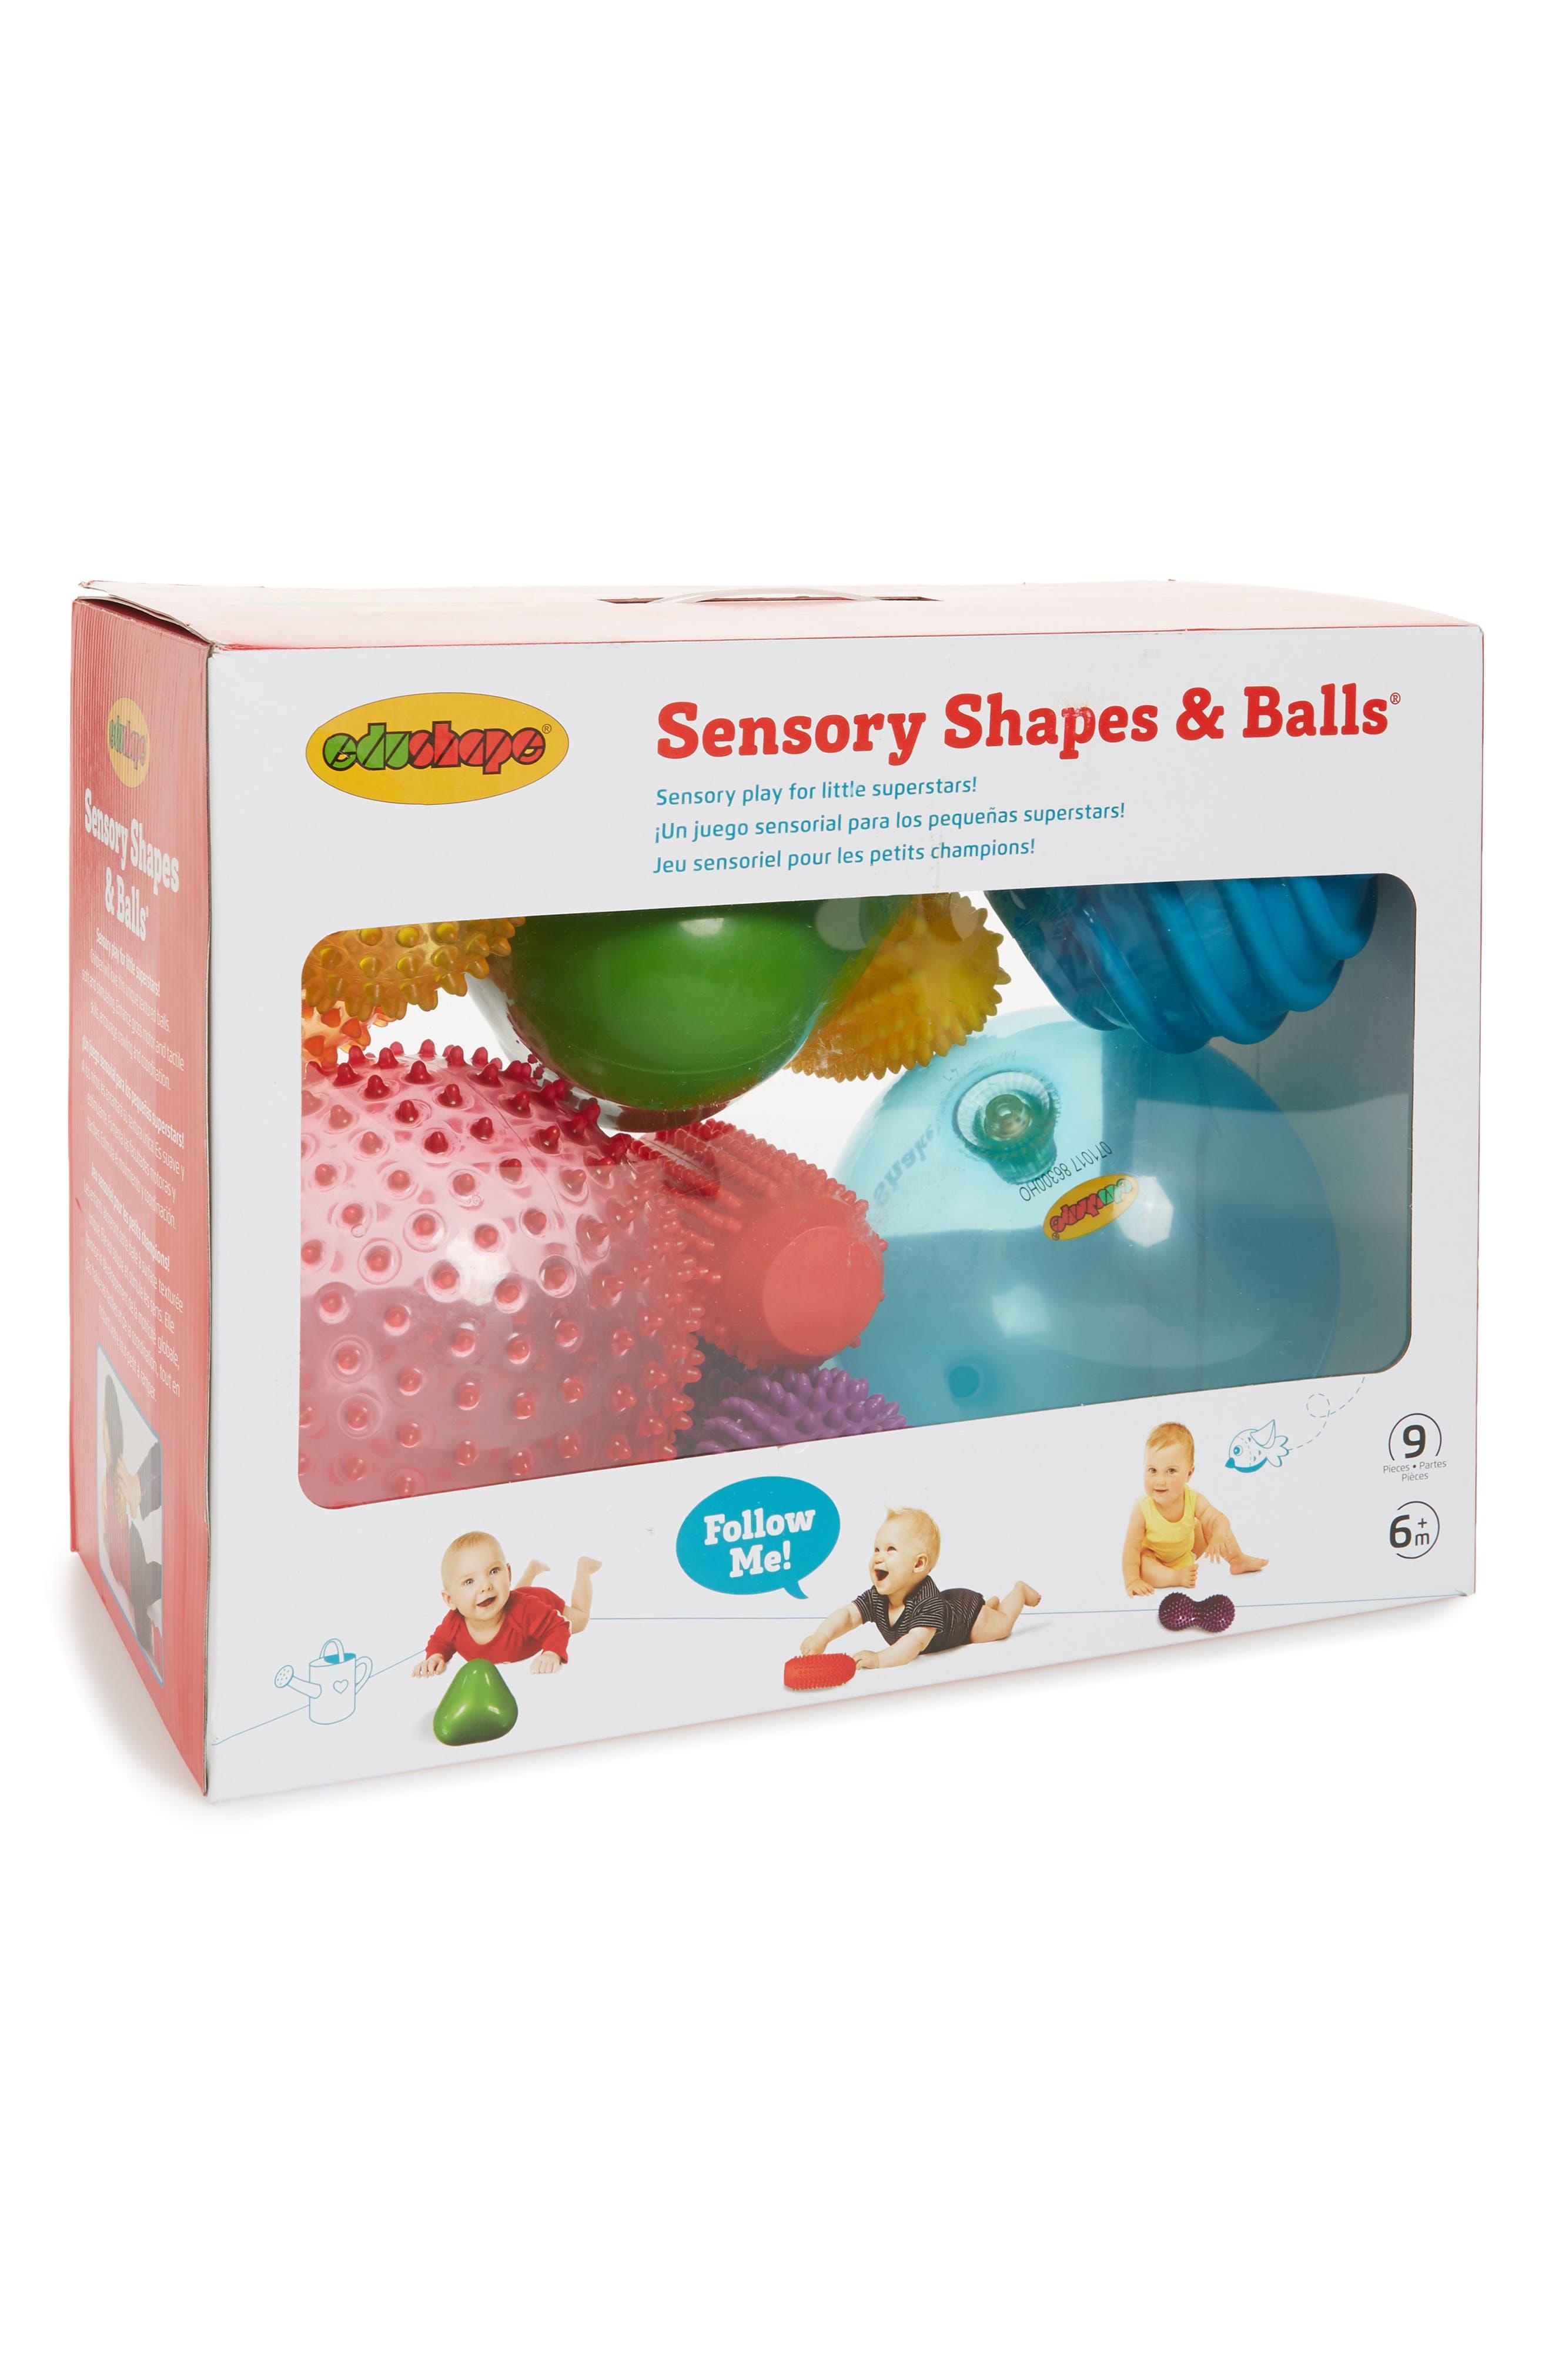 Sensory Shapes & Balls 9-Piece Toy Set,                         Main,                         color, 600